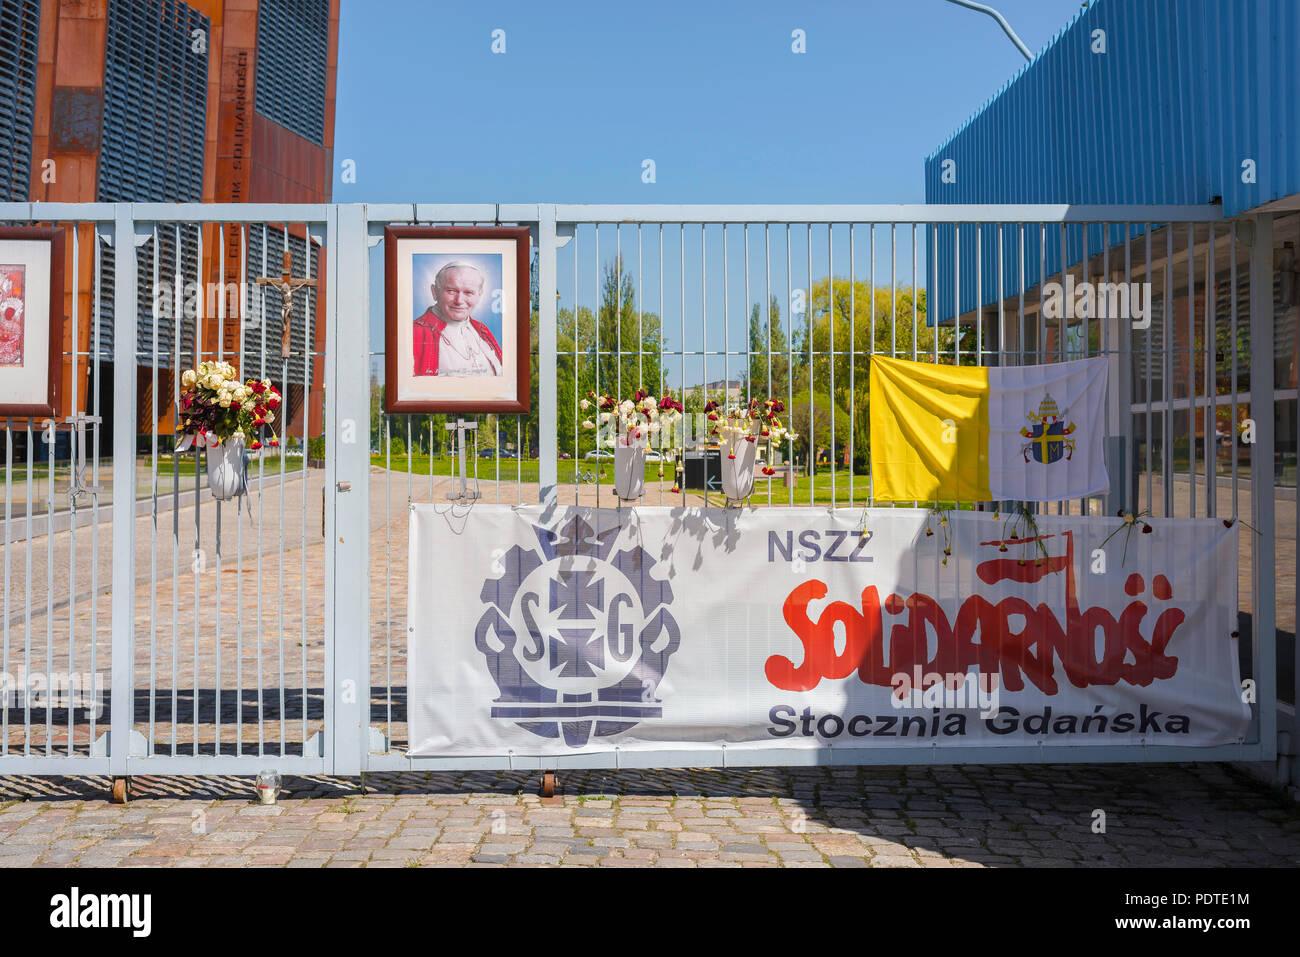 Porta il Cantiere di Danzica, vista dello storico numero 2 Porta del Cantiere di Danzica, sito del movimento di solidarietà colpisce nei primi anni ottanta, Polonia. Immagini Stock